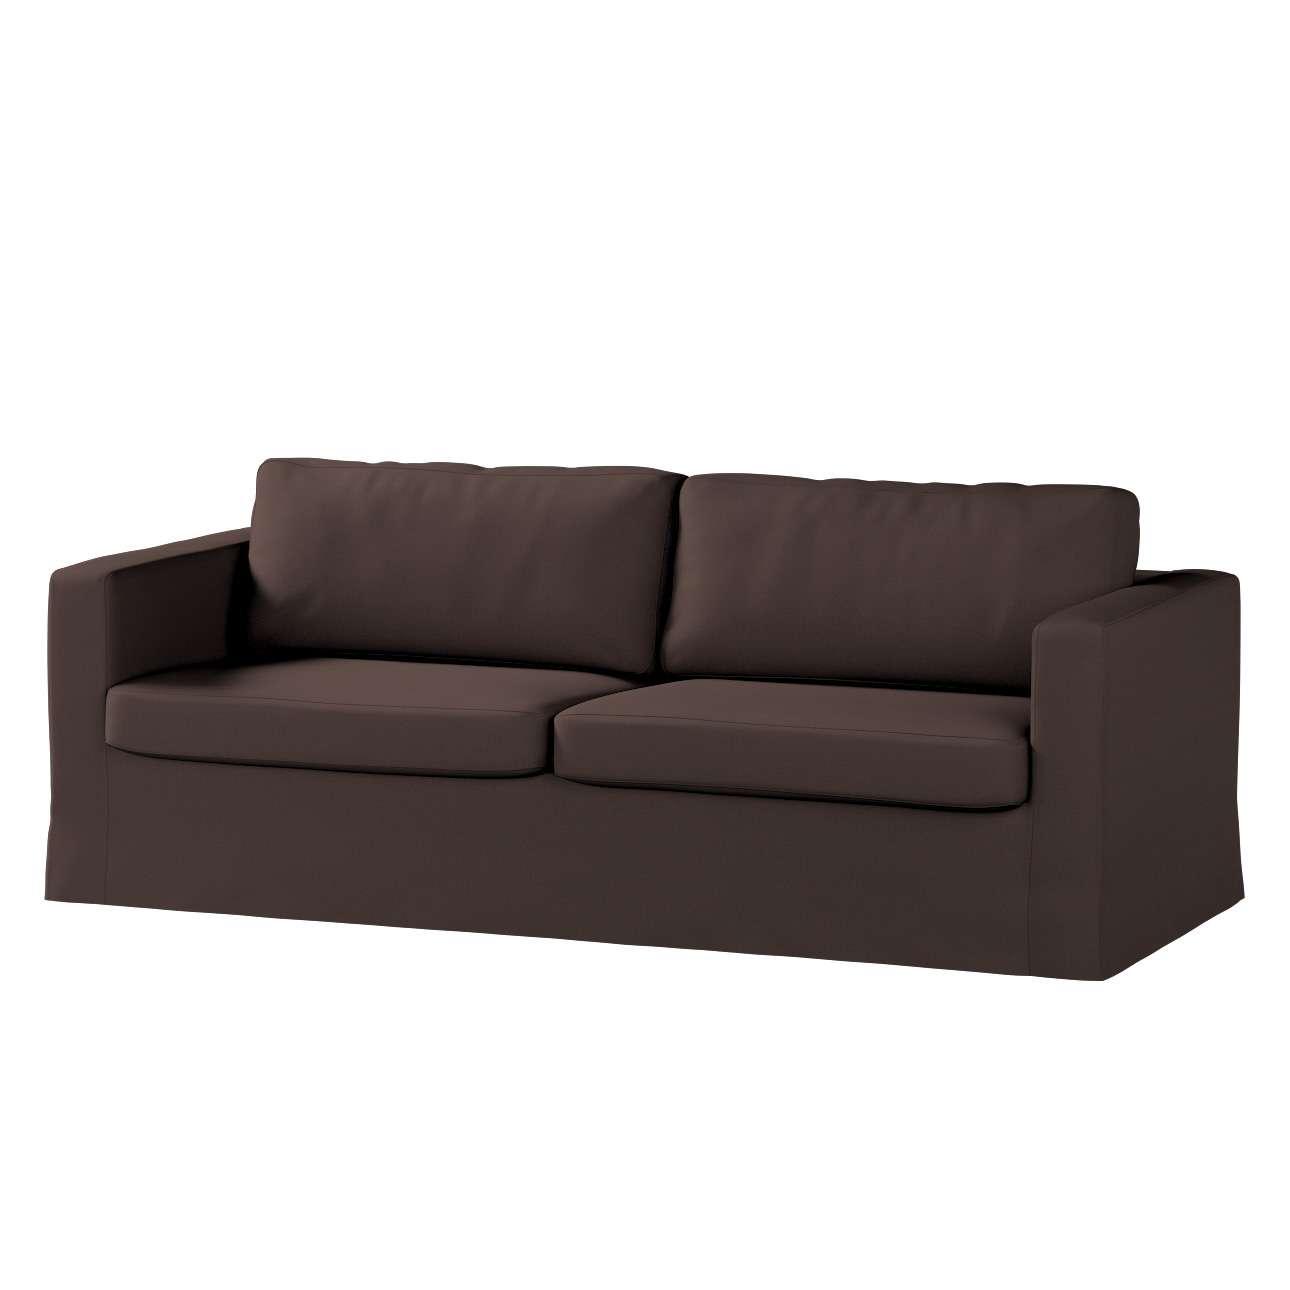 Karlstad trivietės sofos užvalkalas (ilgas, iki žemės) Karlstad trivietės sofos užvalkalas (ilgas, iki žemės) kolekcijoje Cotton Panama, audinys: 702-03